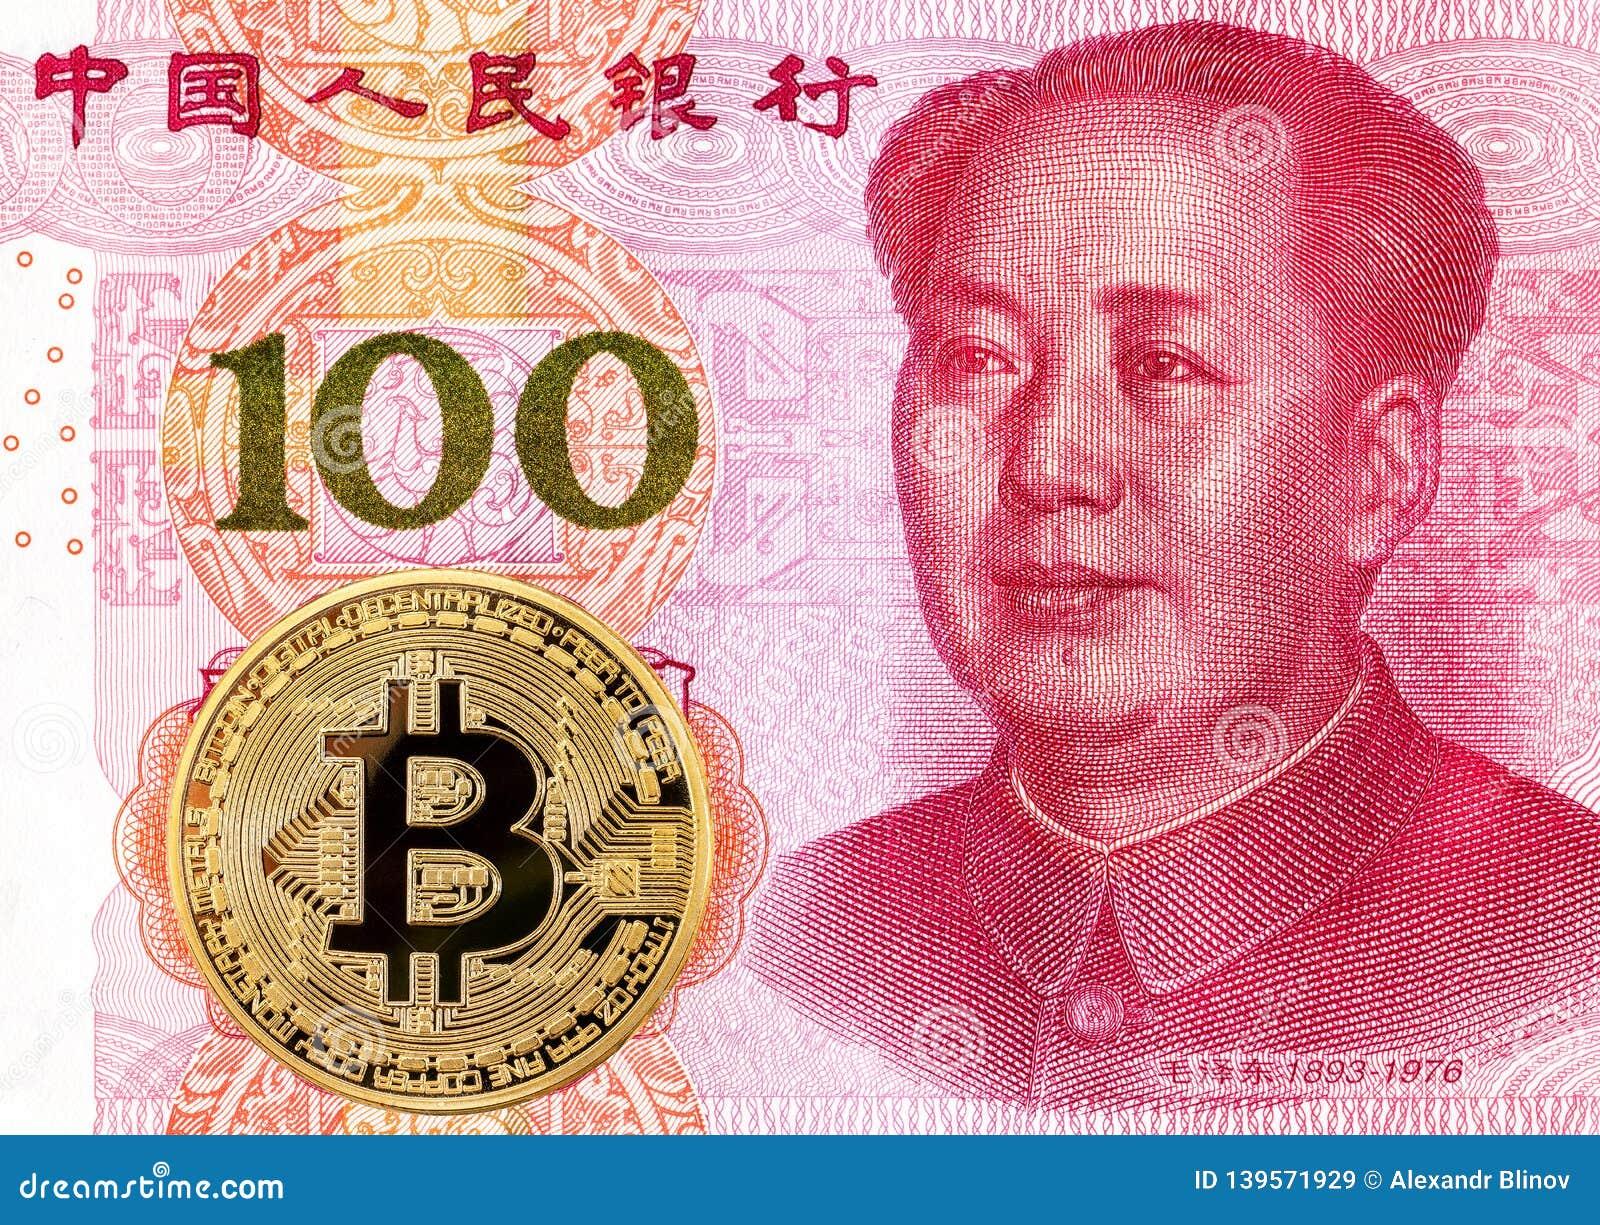 bitcoin vs chinese yuan